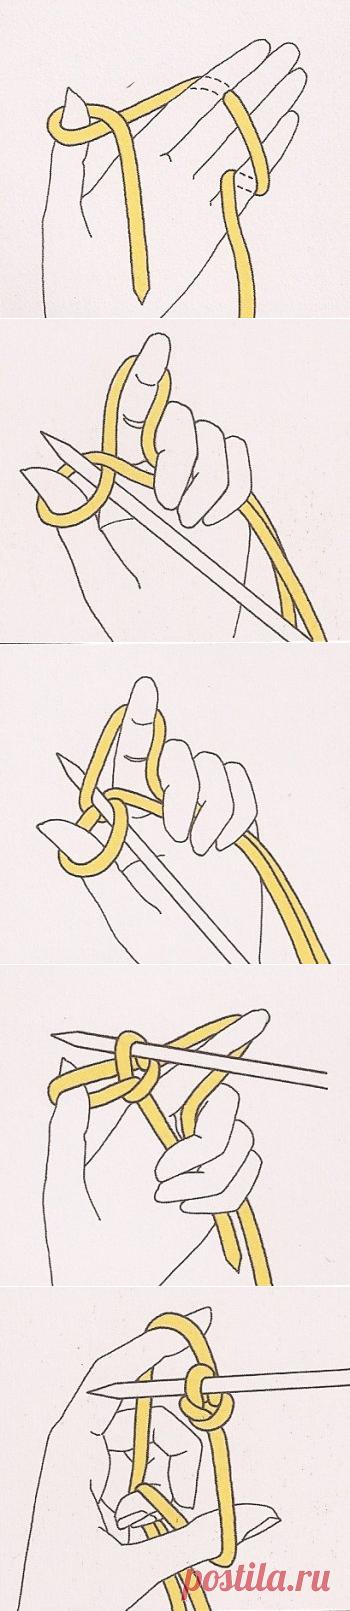 Поделки своими руками как сделать из кабачков на